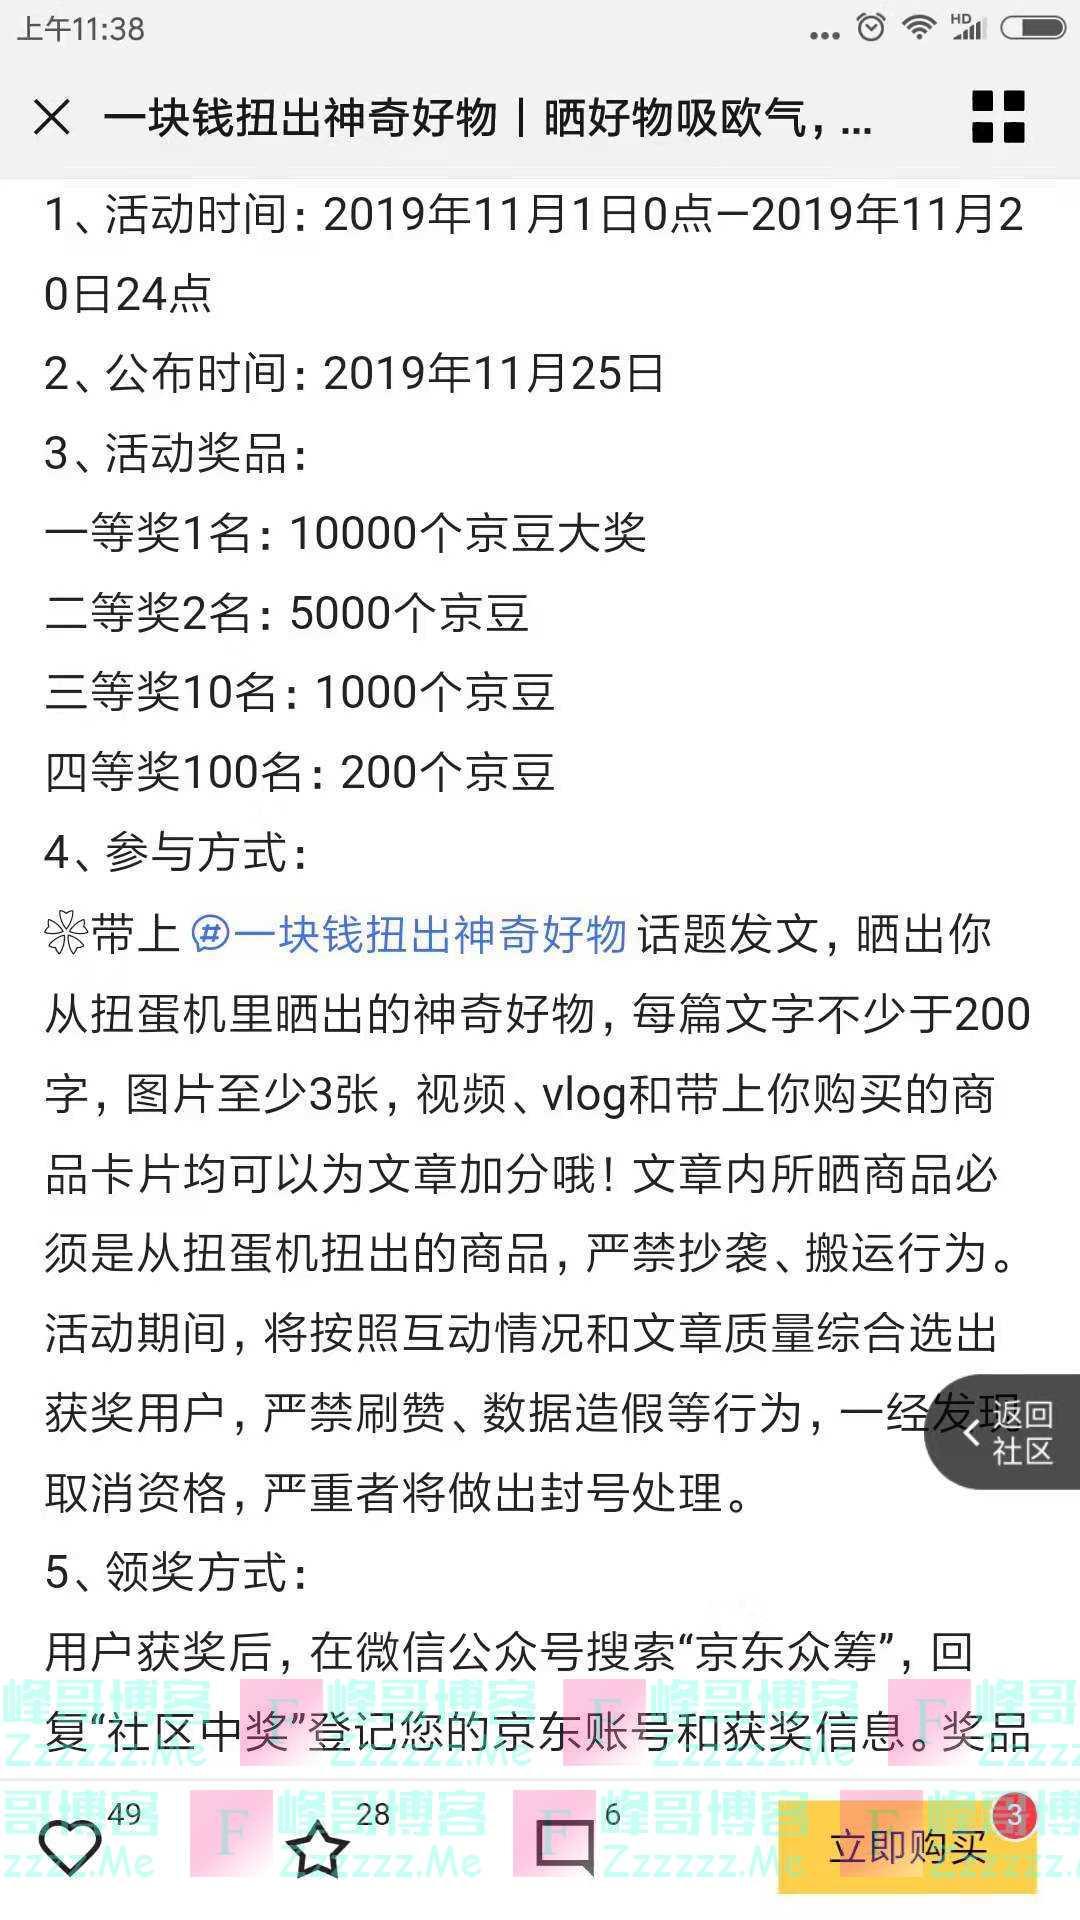 京东众筹一块钱扭出神奇好物(截止11月20日)